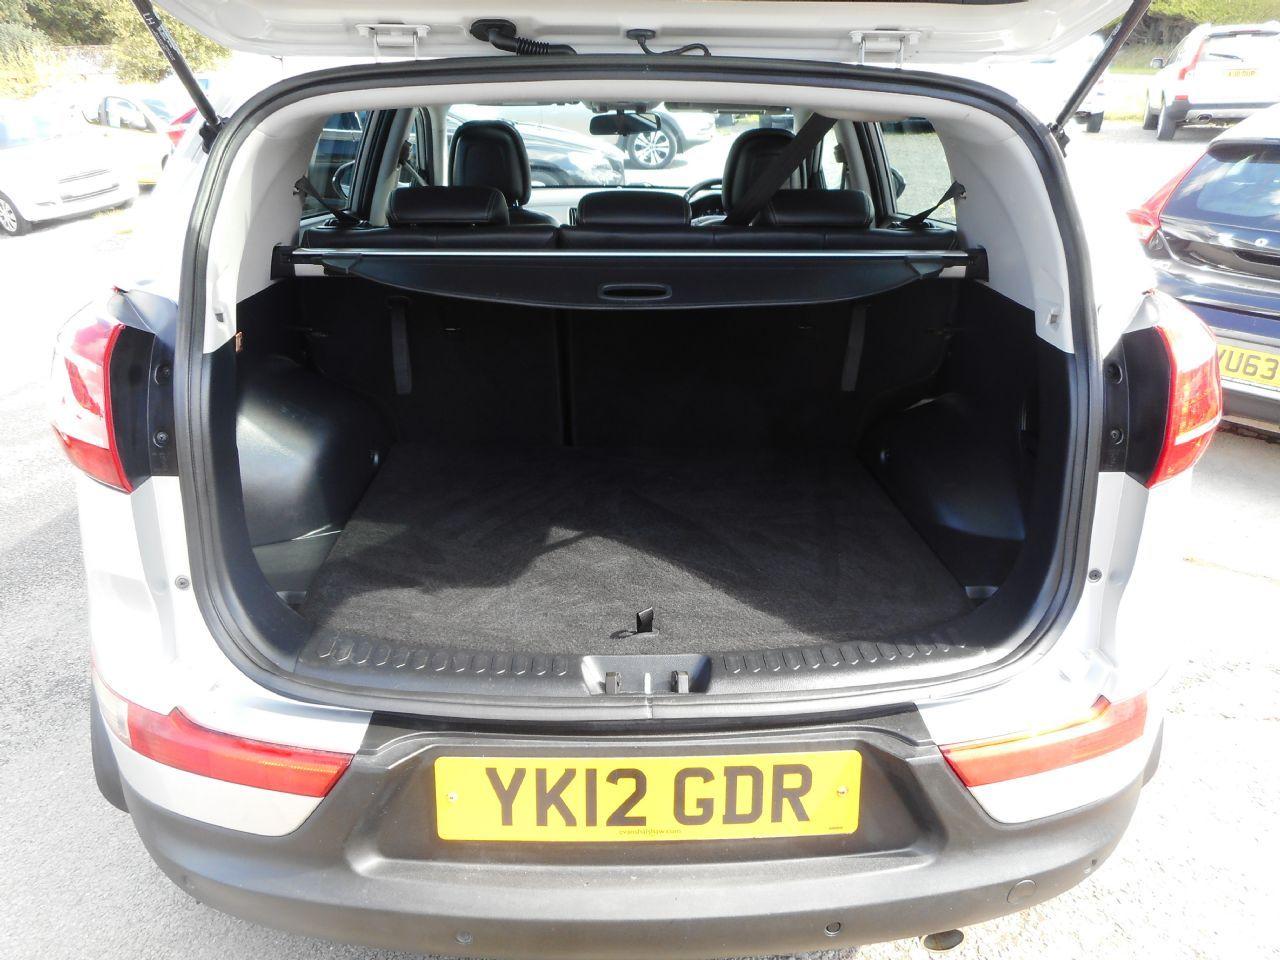 KIA Sportage 1.7 CRDi 2 2WD (2012) - Picture 15